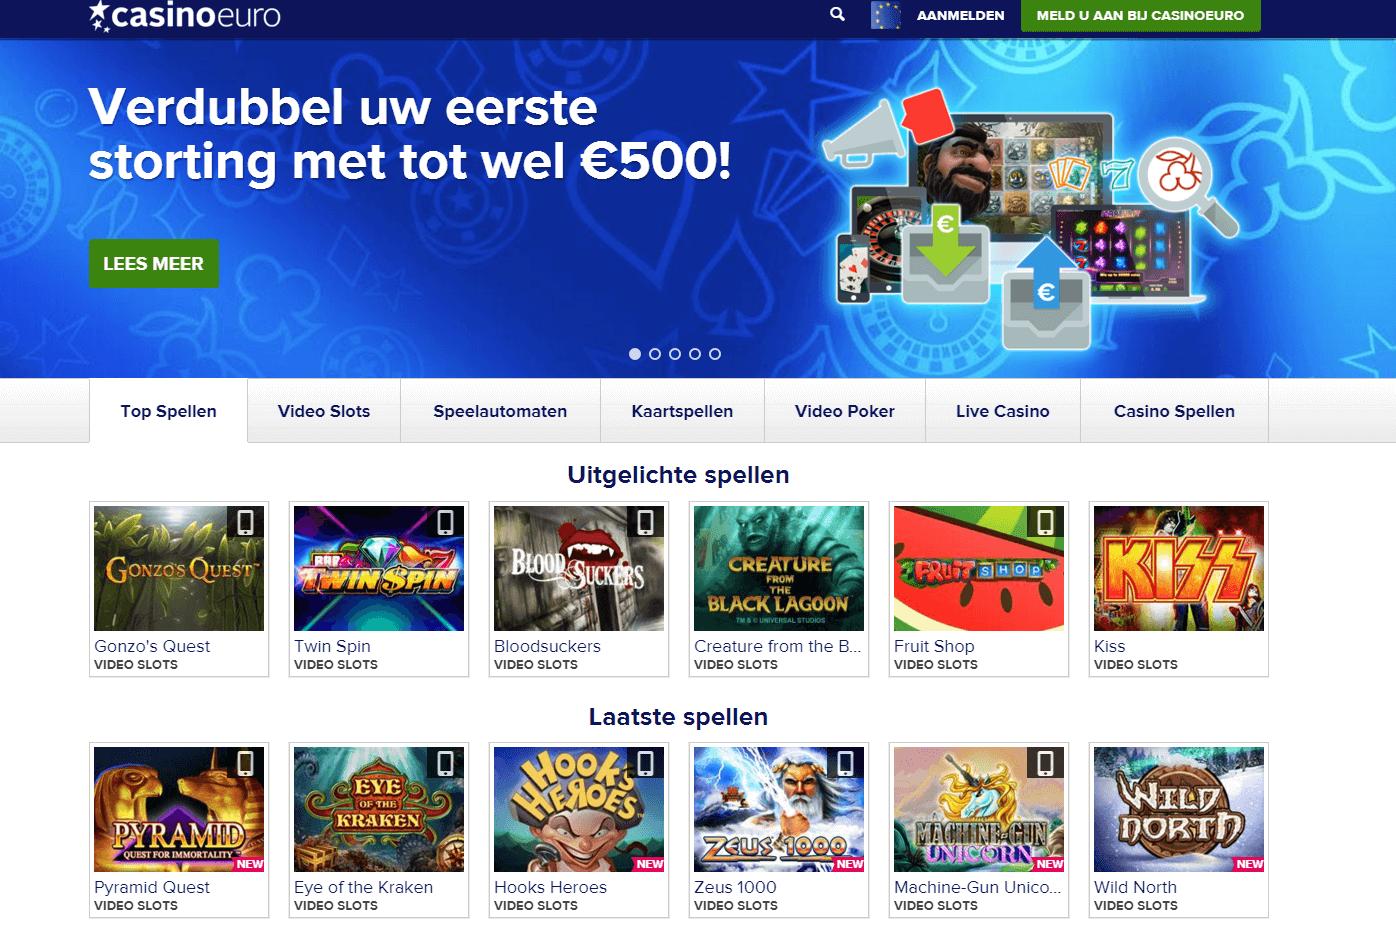 Casino Euro Review Uiterlijk